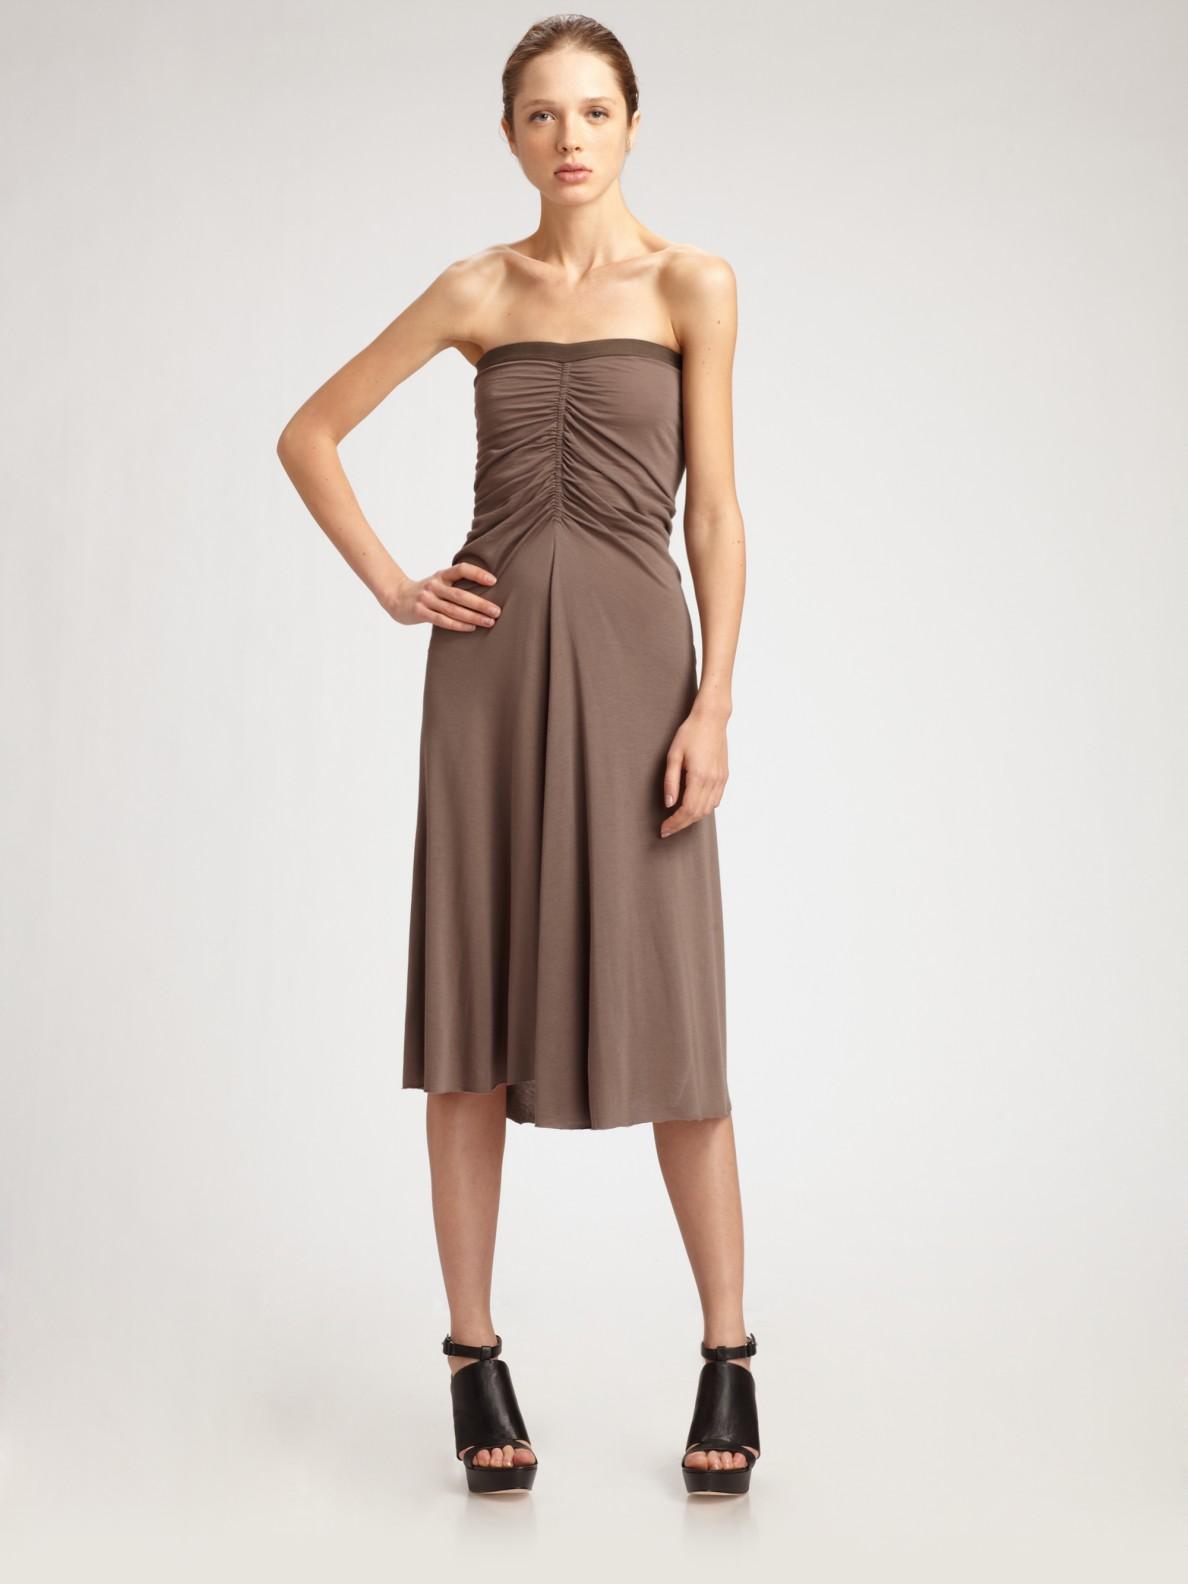 Lyst Rick Owens Lilies Convertible Strapless Dress